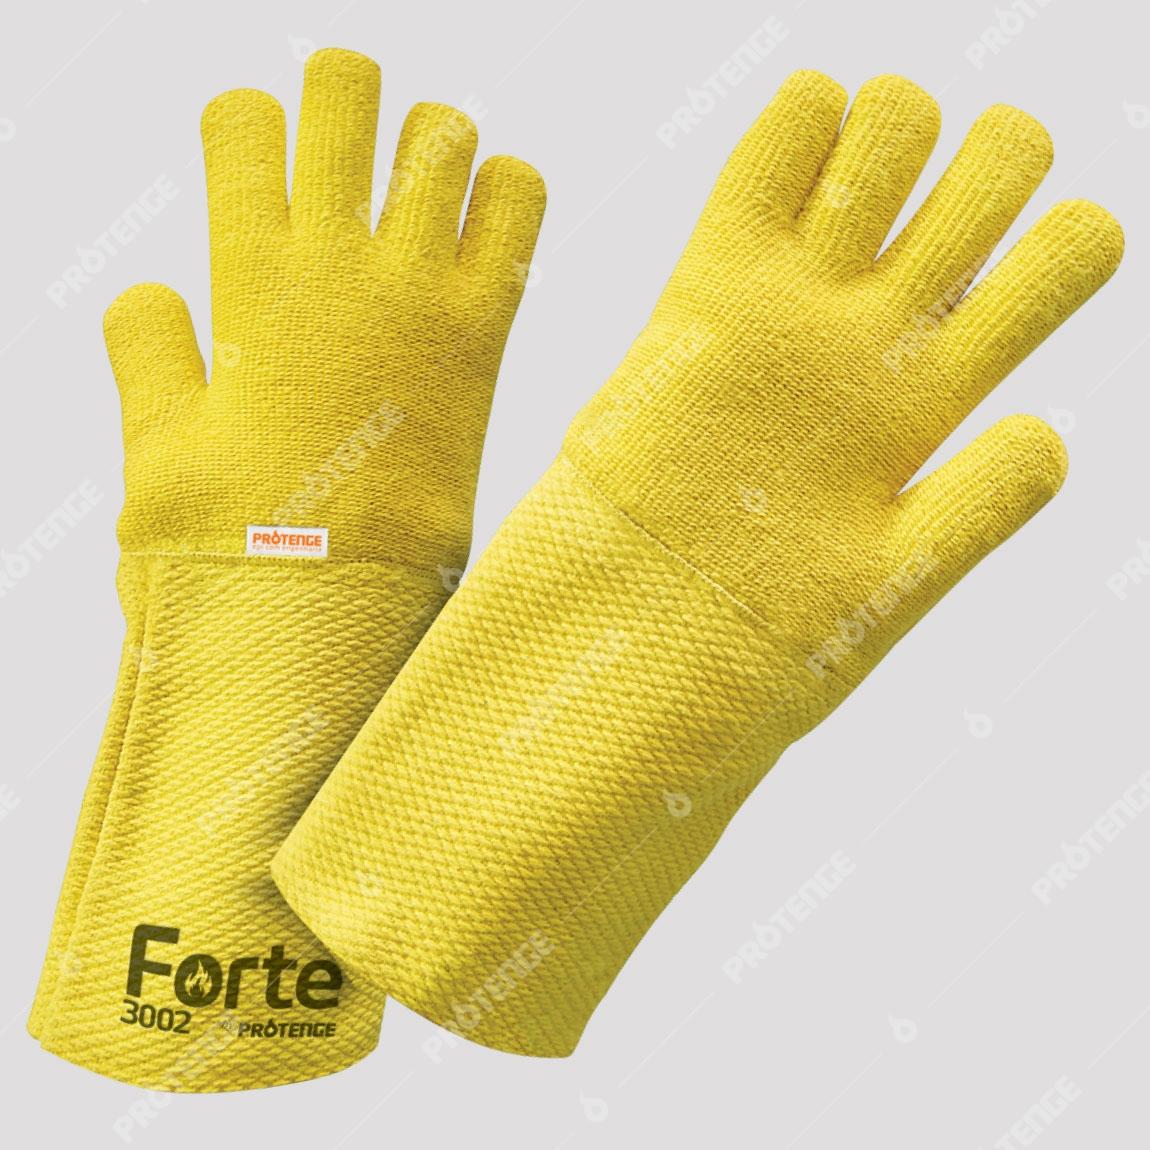 ff178a6344 Luva Forte 3002 Riscos Térmicos - Protenge EPI com Engenharia